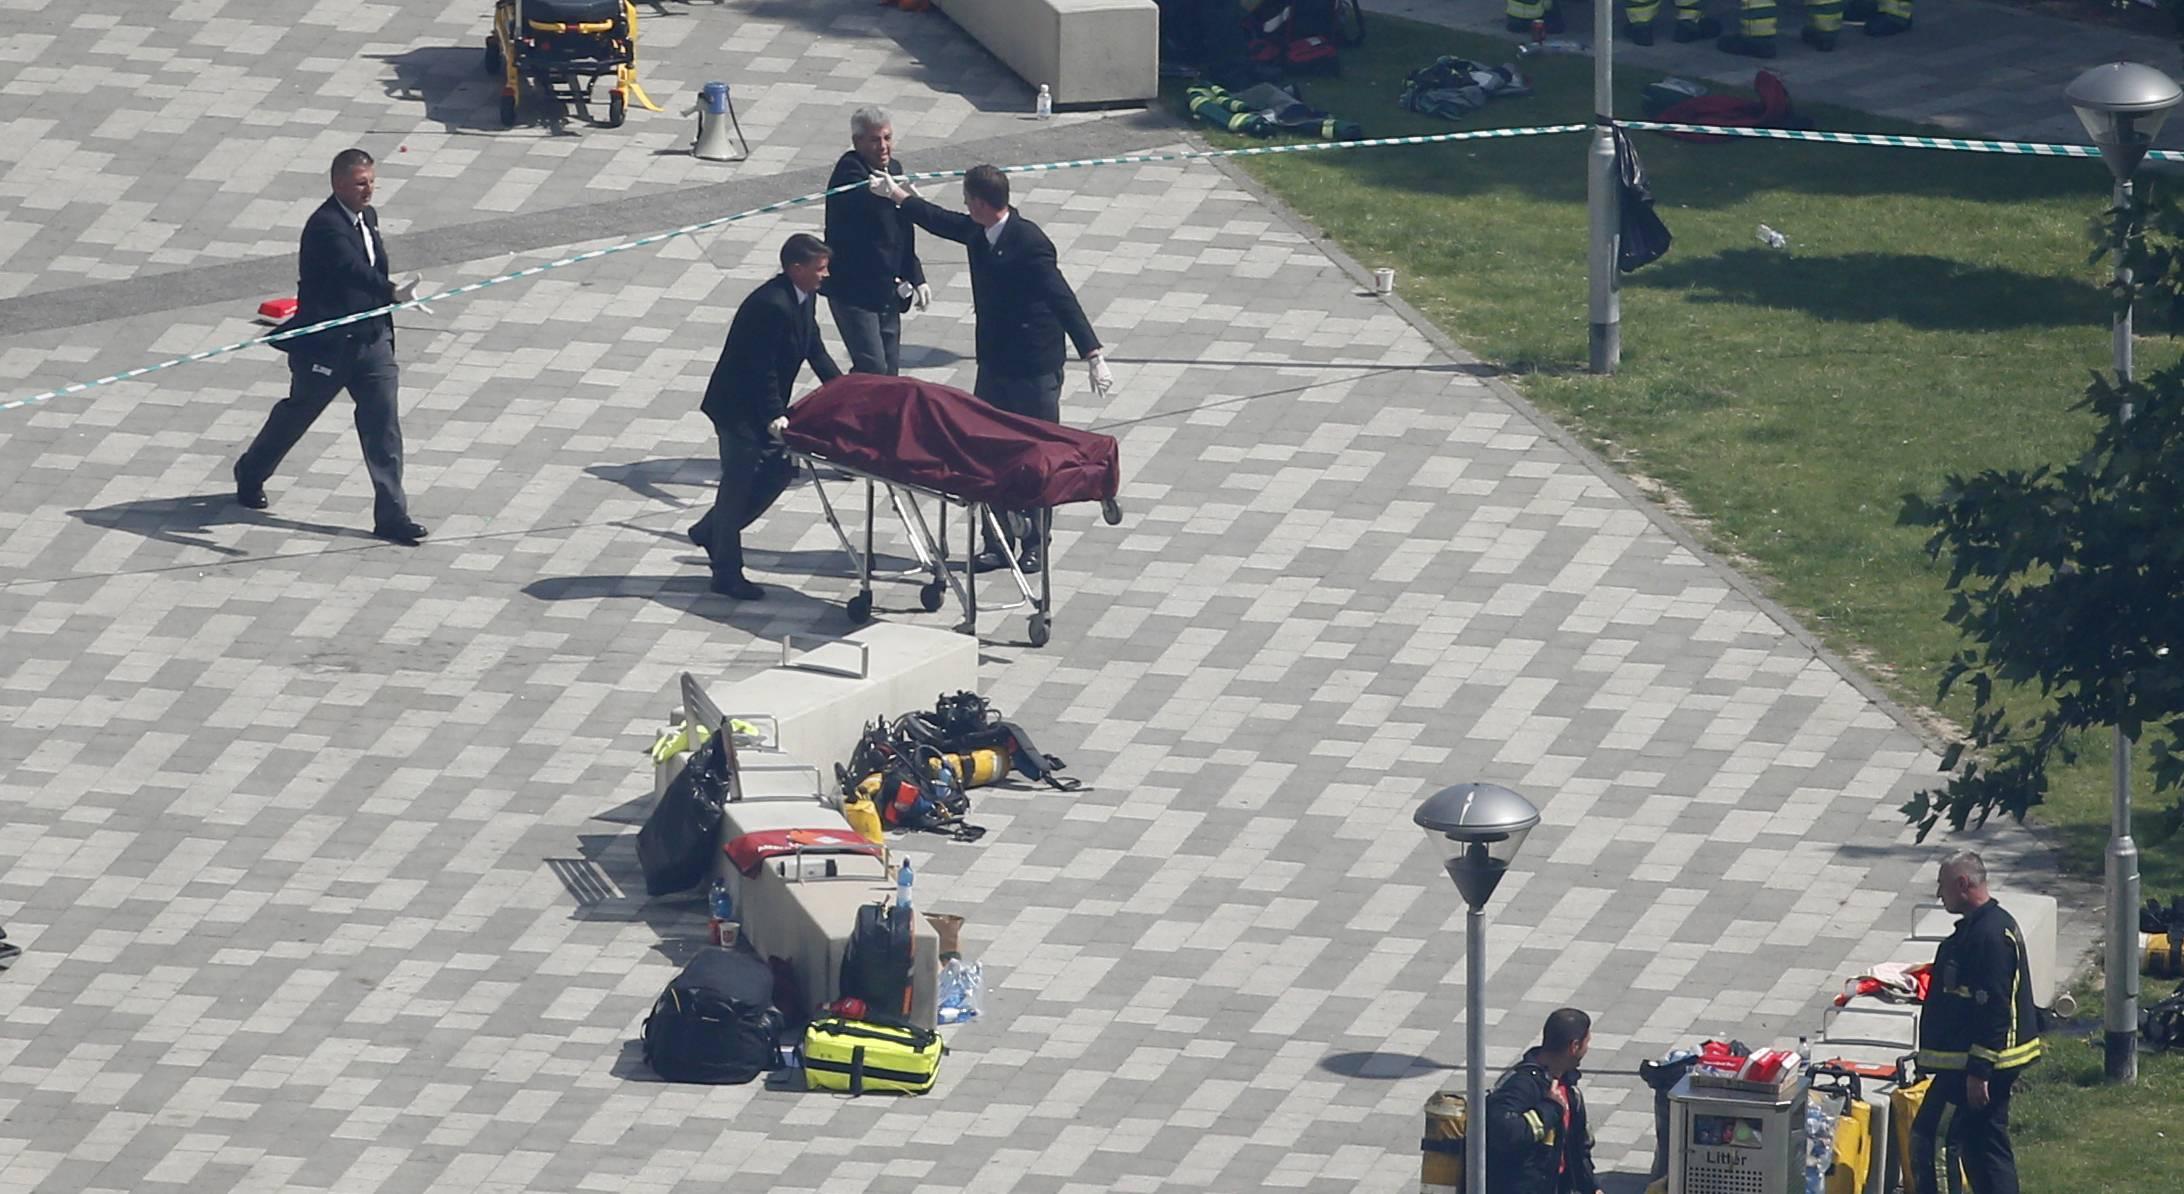 Un equipo de funerarios traslada un cadáver de una de las víctimas fatales del incendio en el edificio de apartamentos en Londres. / Foto: AP